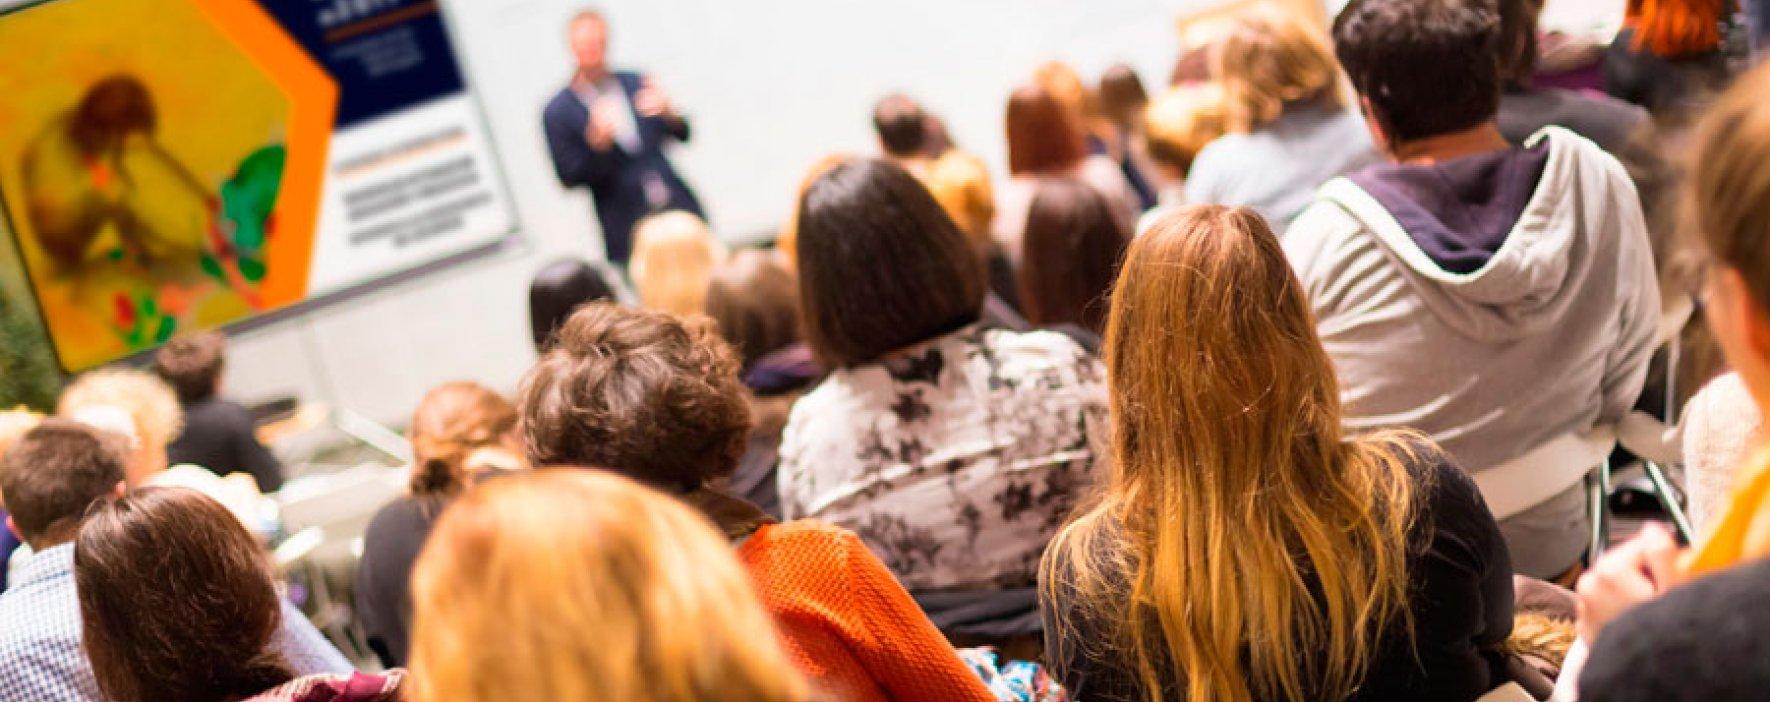 Congreso Internacional, Tendencias Actuales en Educación y Pedagogía